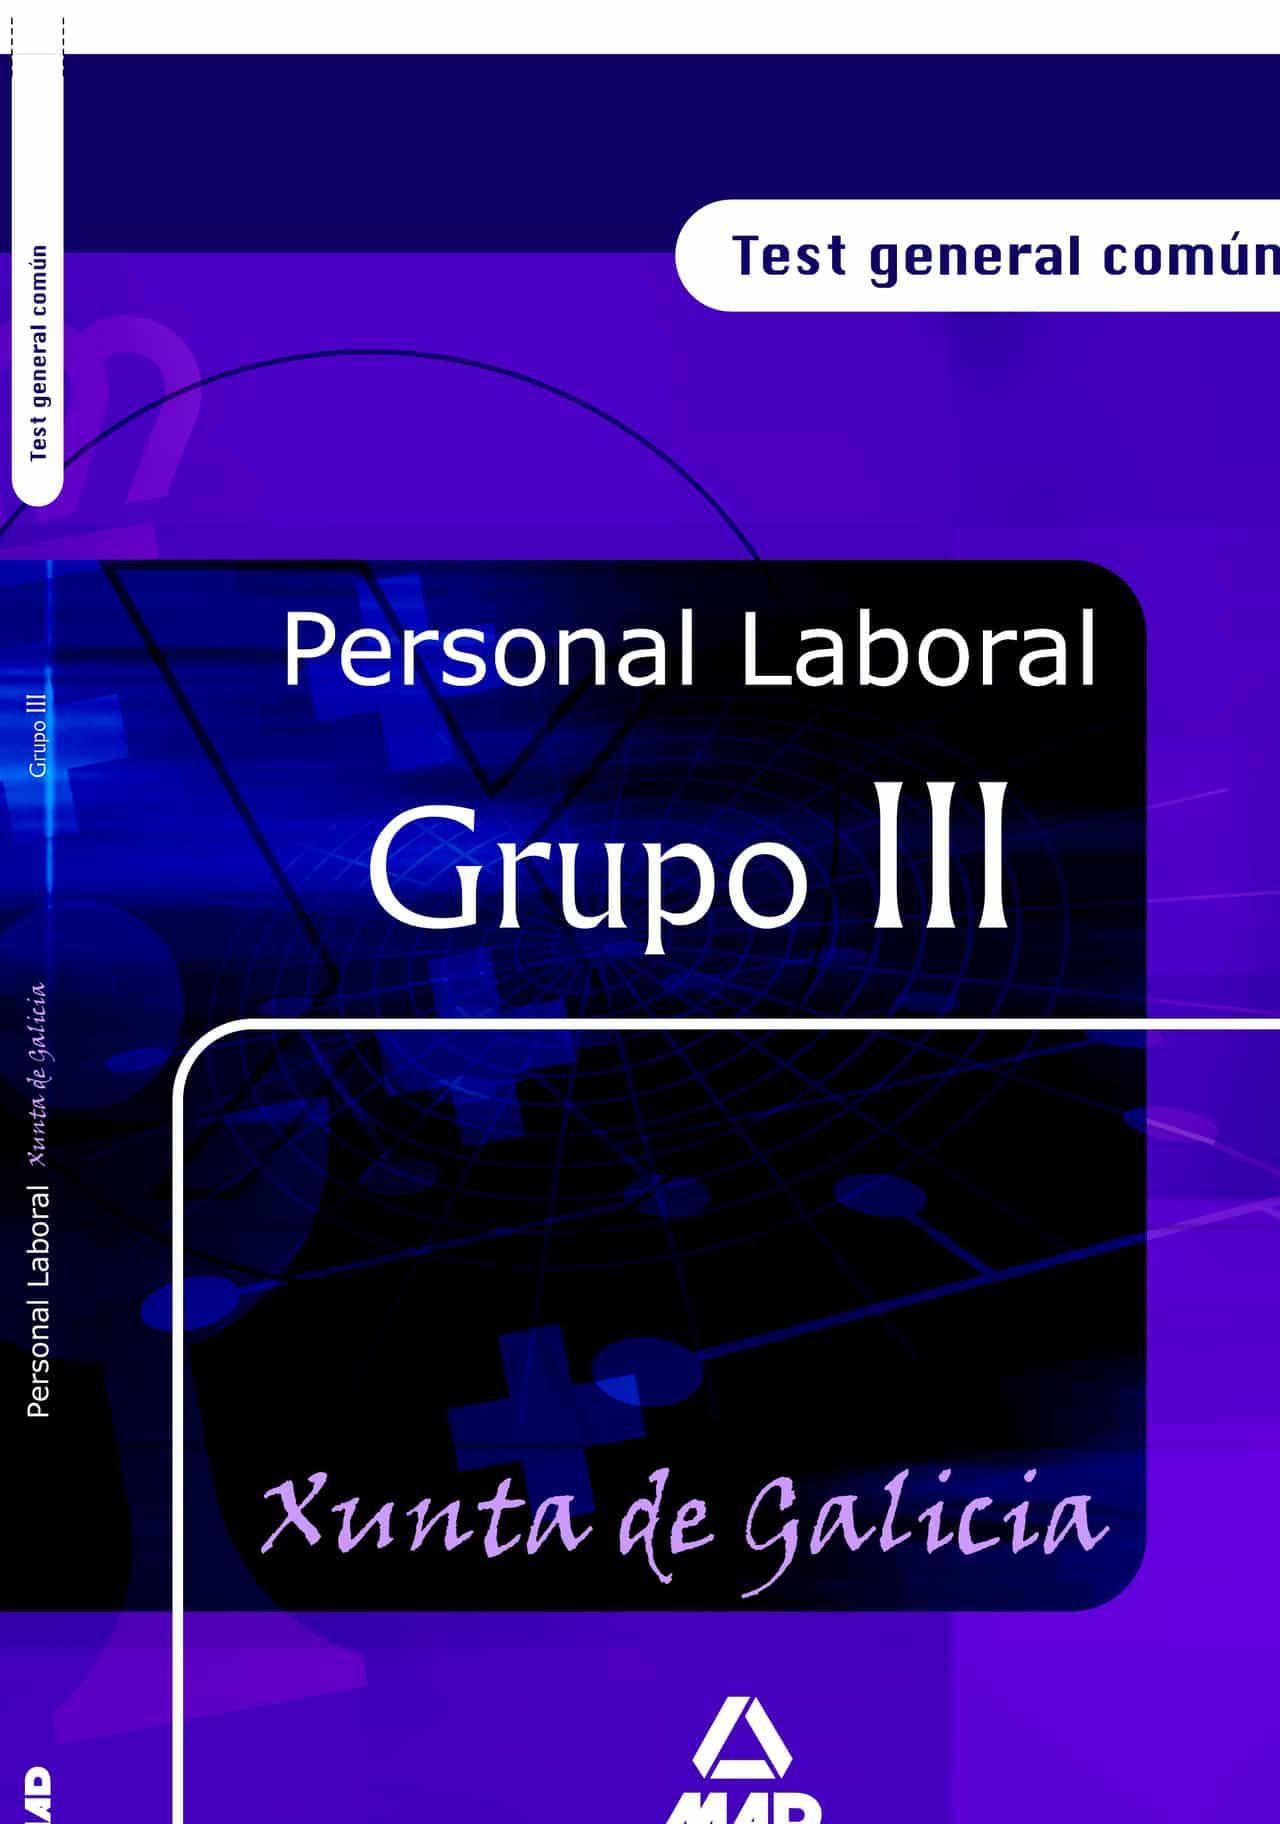 Personal Laboral De La Xunta De Galicia: Grupo Iii. Test General Comun por Vv.aa.